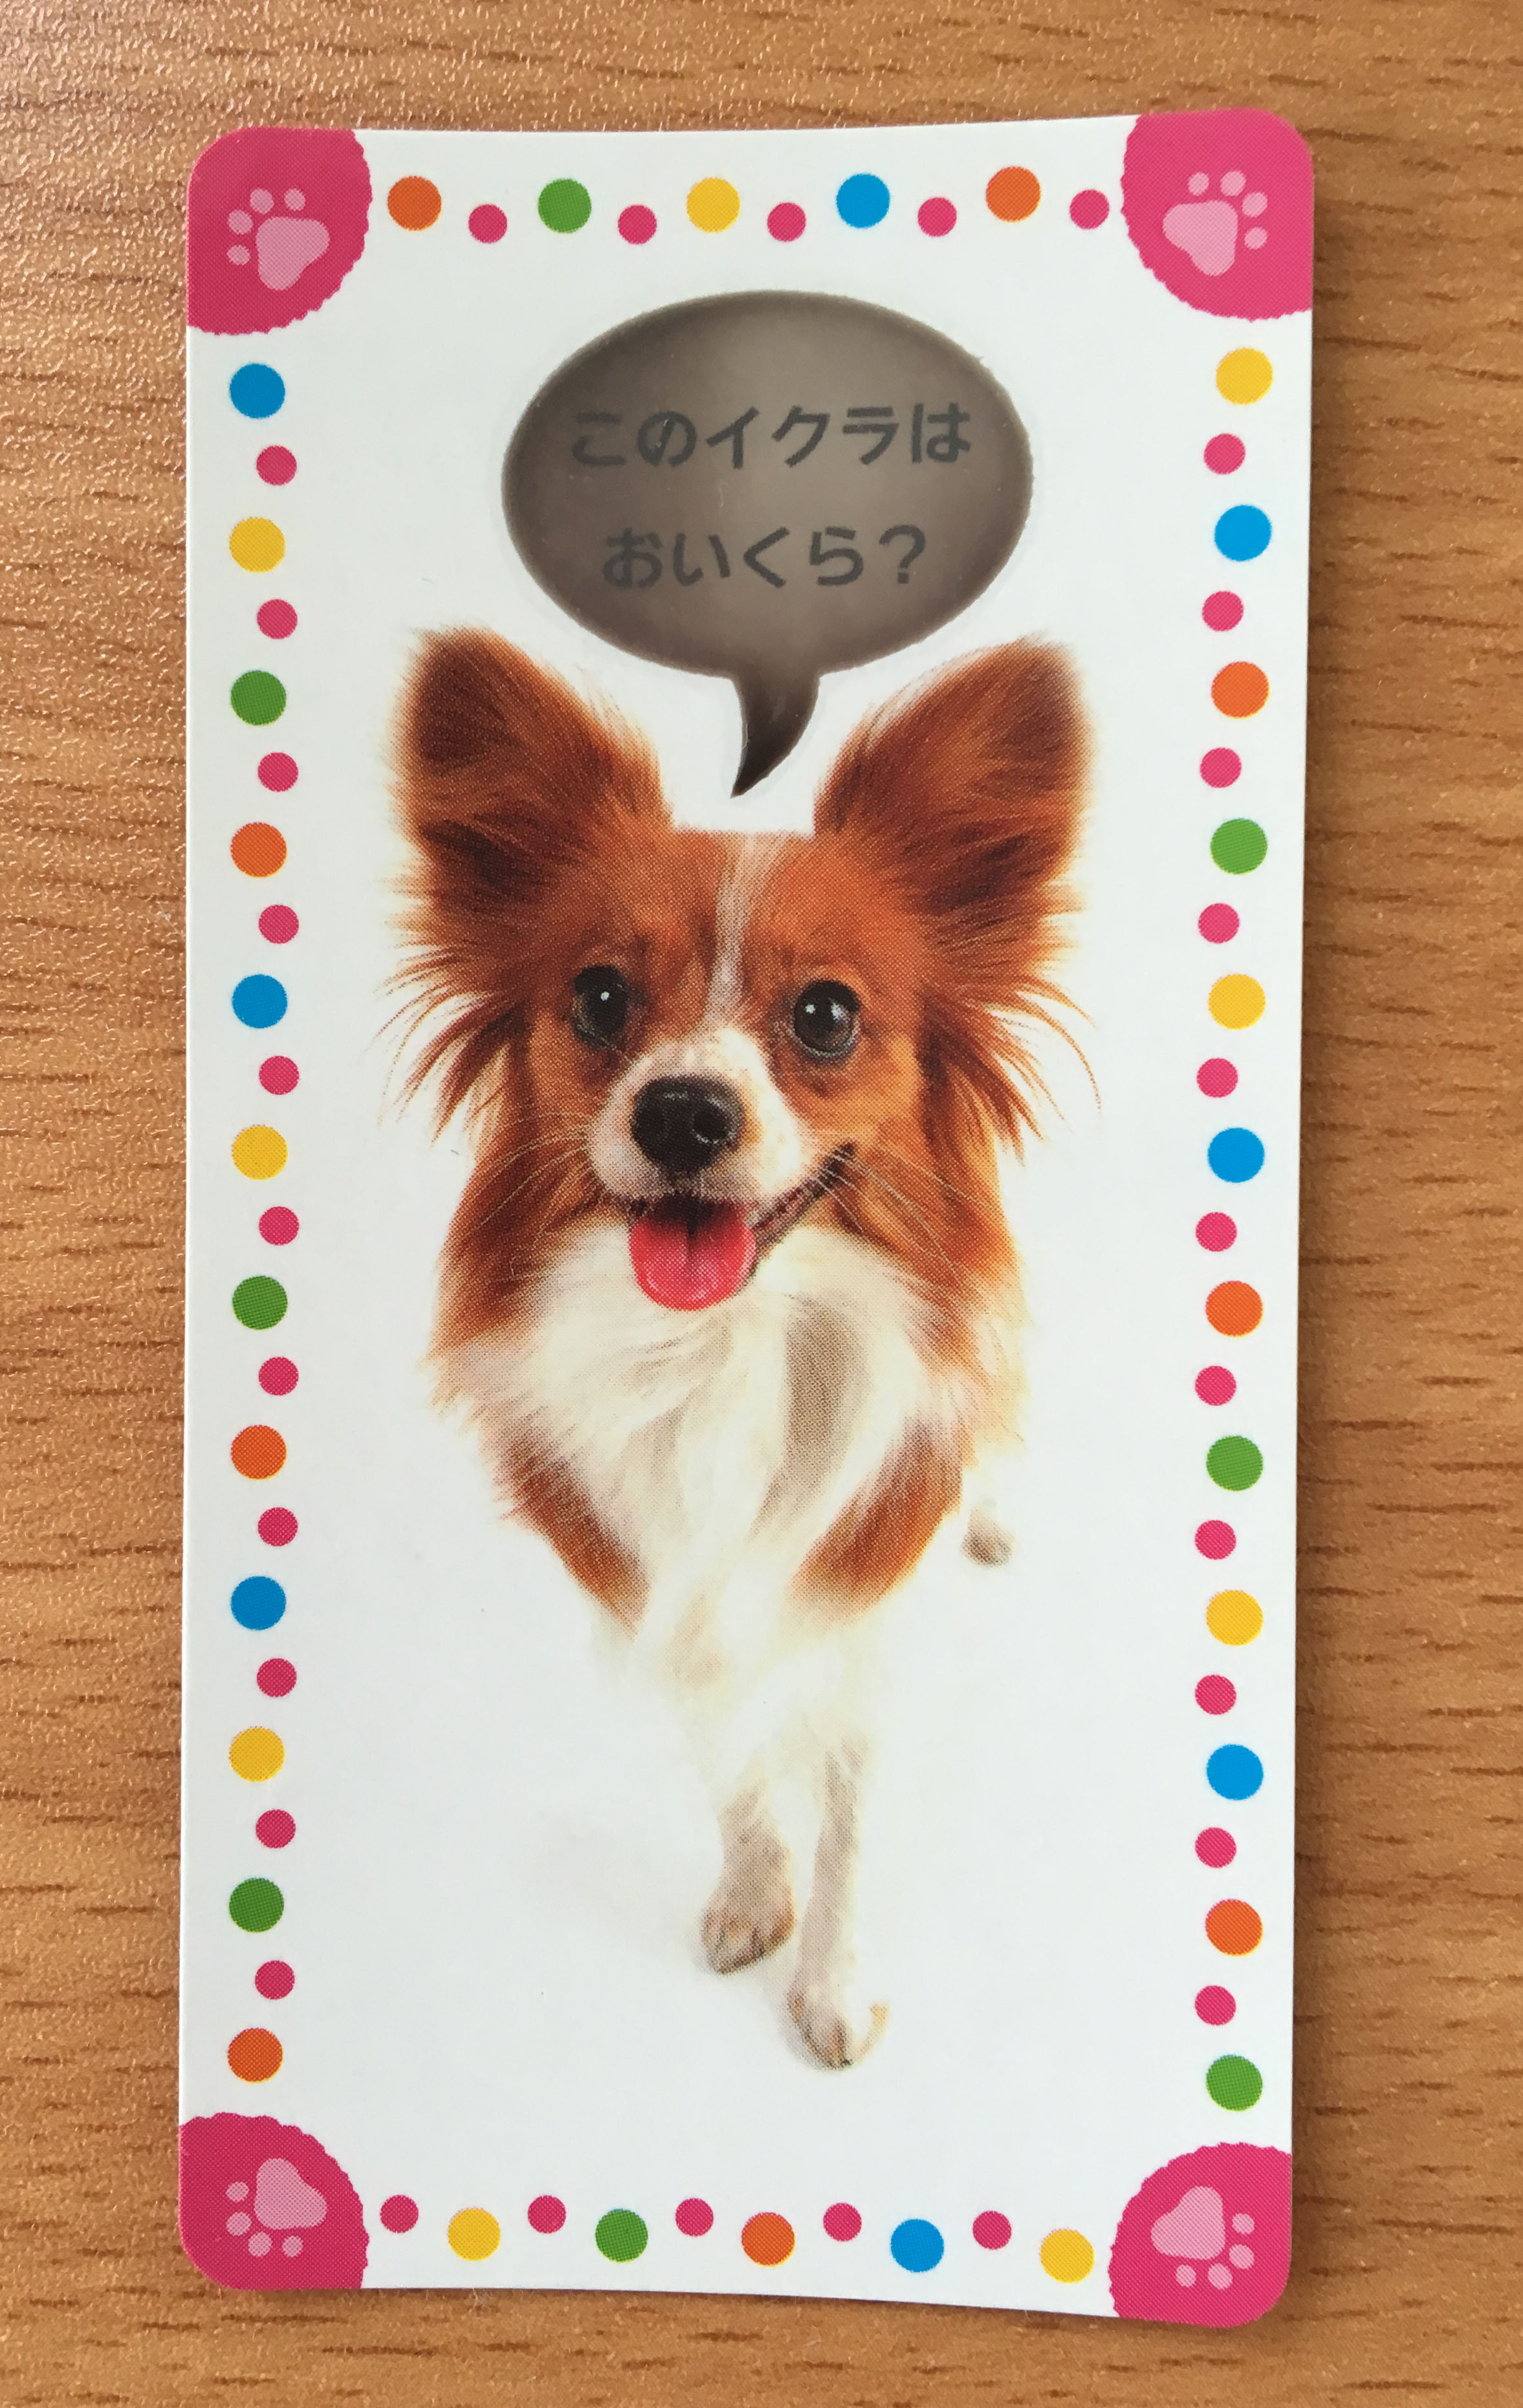 【獣医師監修】犬がチョコレートを食べても大丈 …